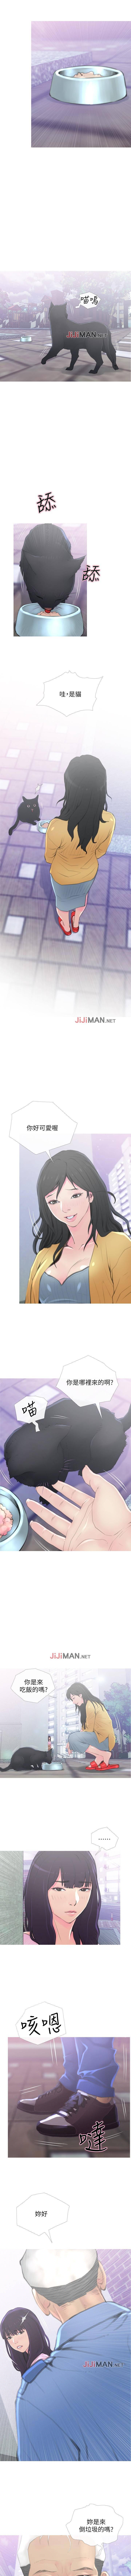 【周五连载】主妇危机(作者:查爾斯&漢水) 第1~26话 4